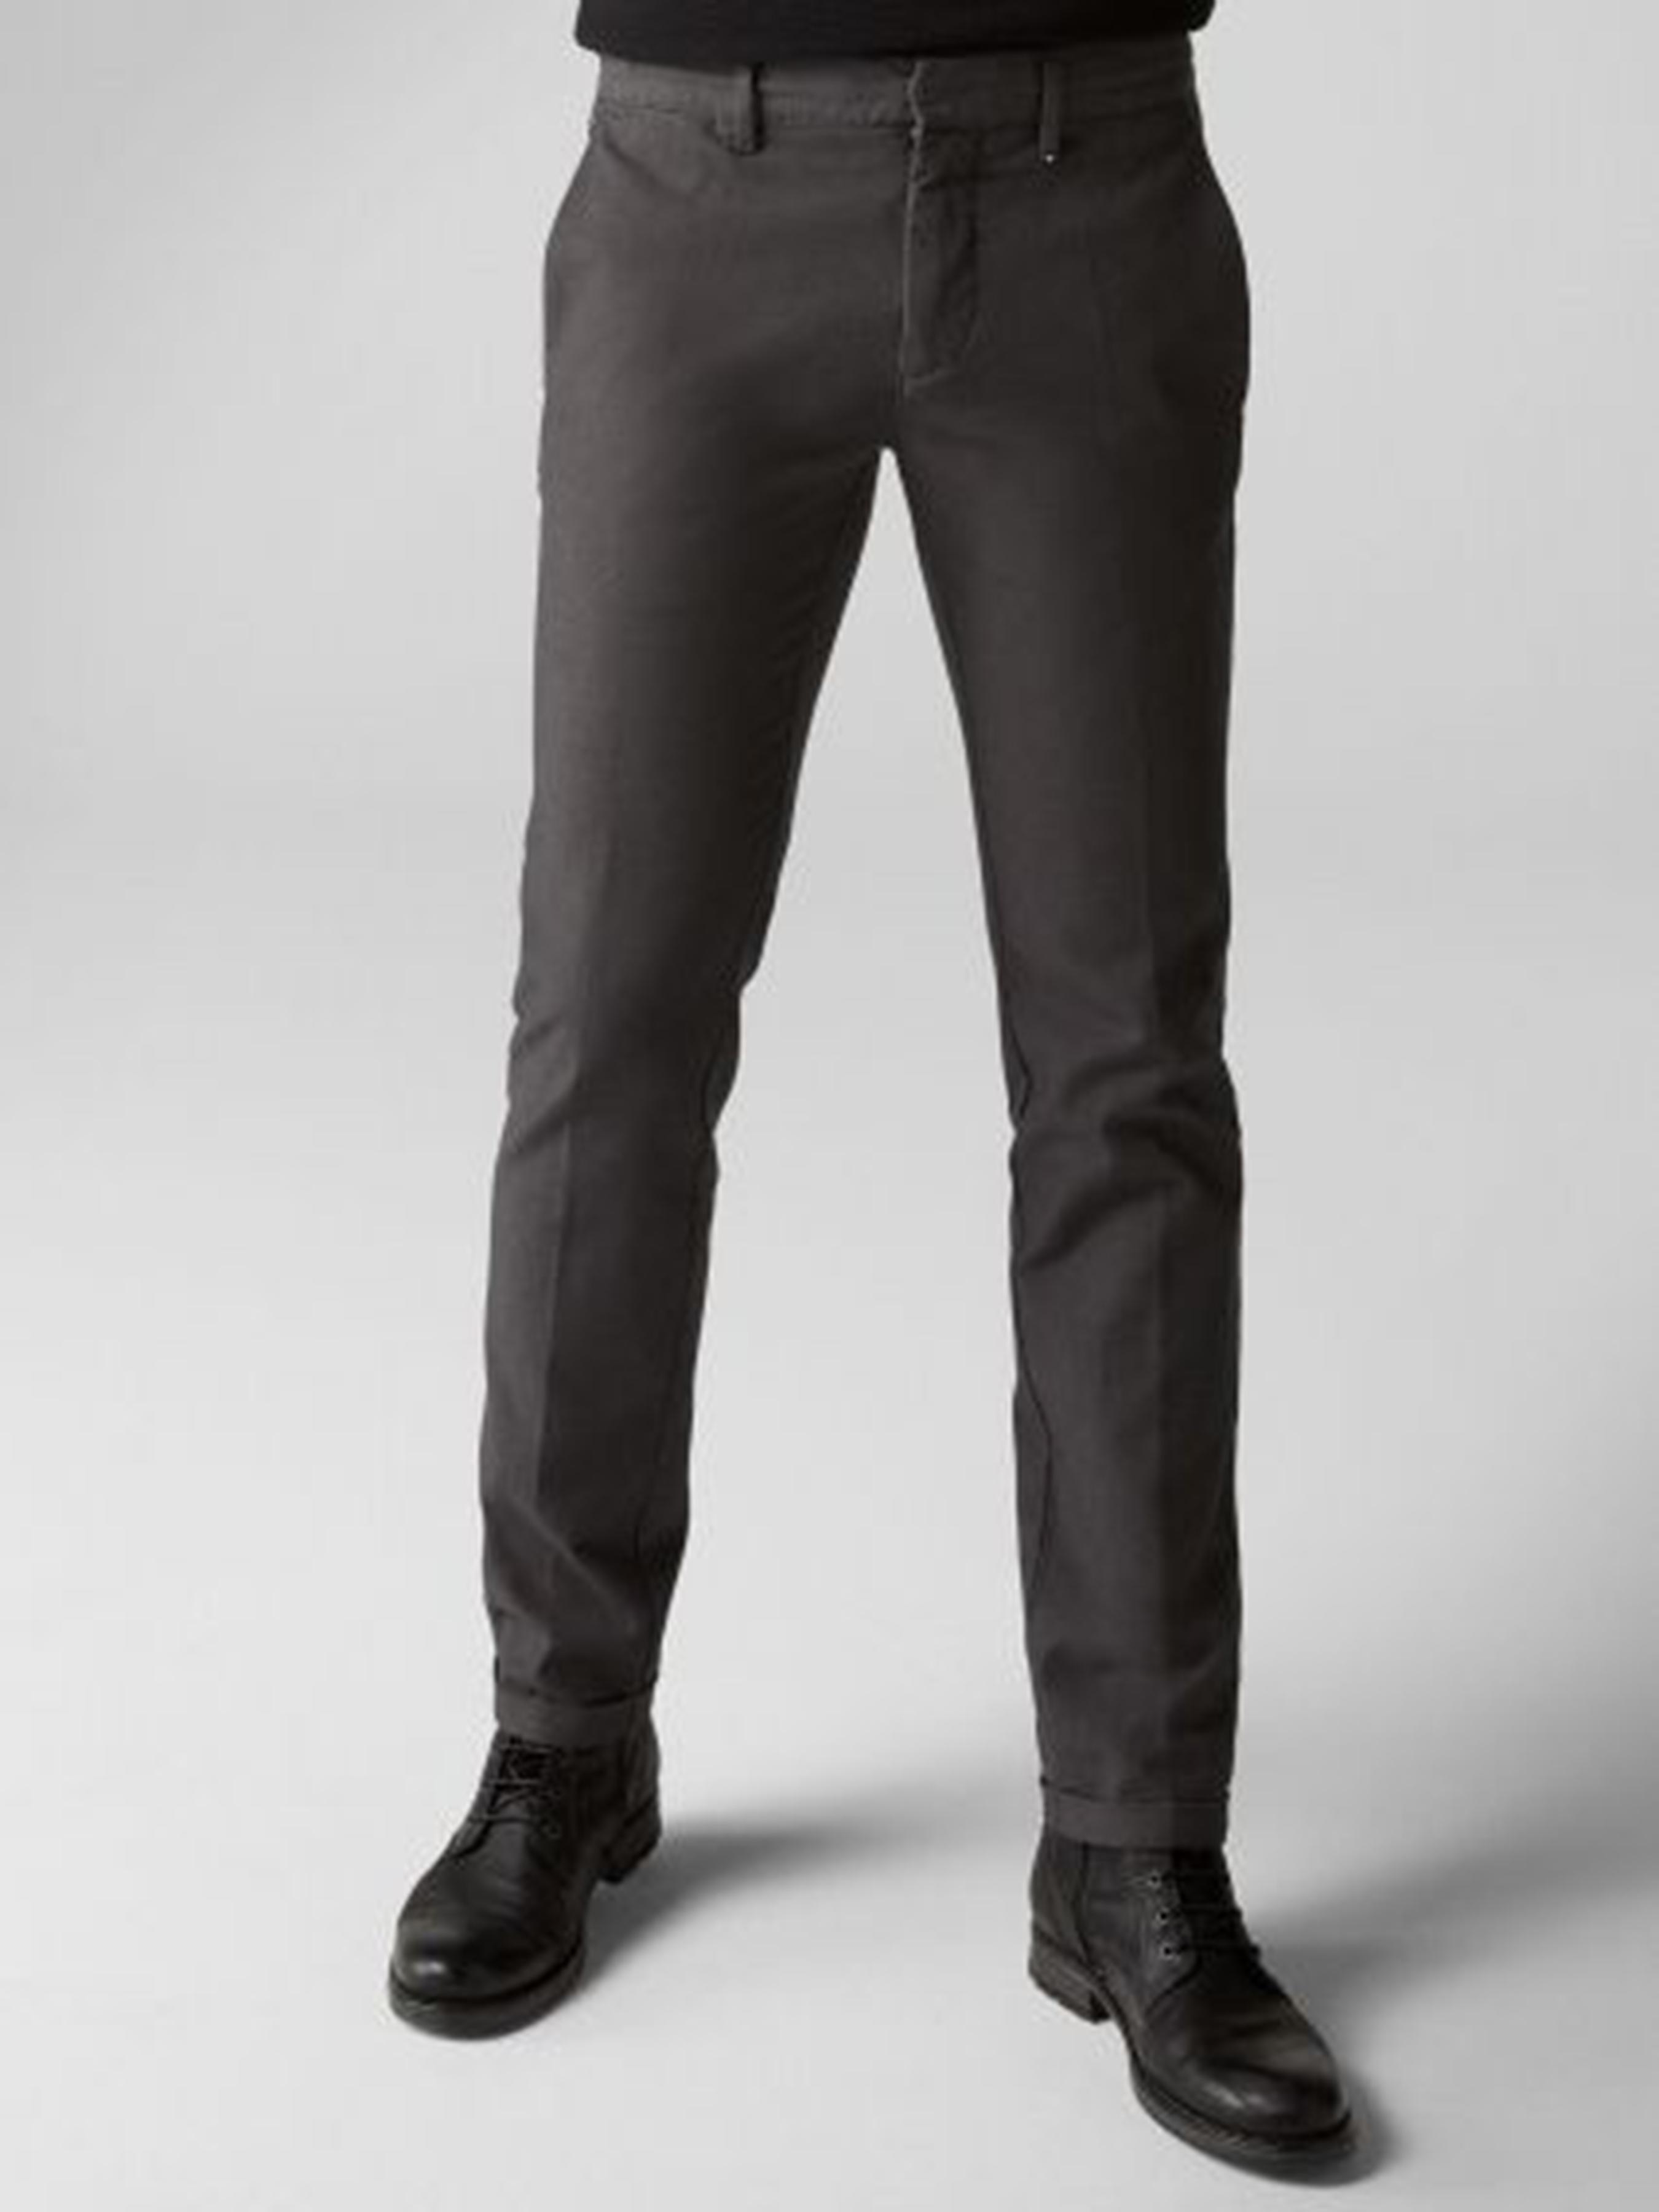 Брюки мужские MARC O'POLO модель PJ899 купить, 2017